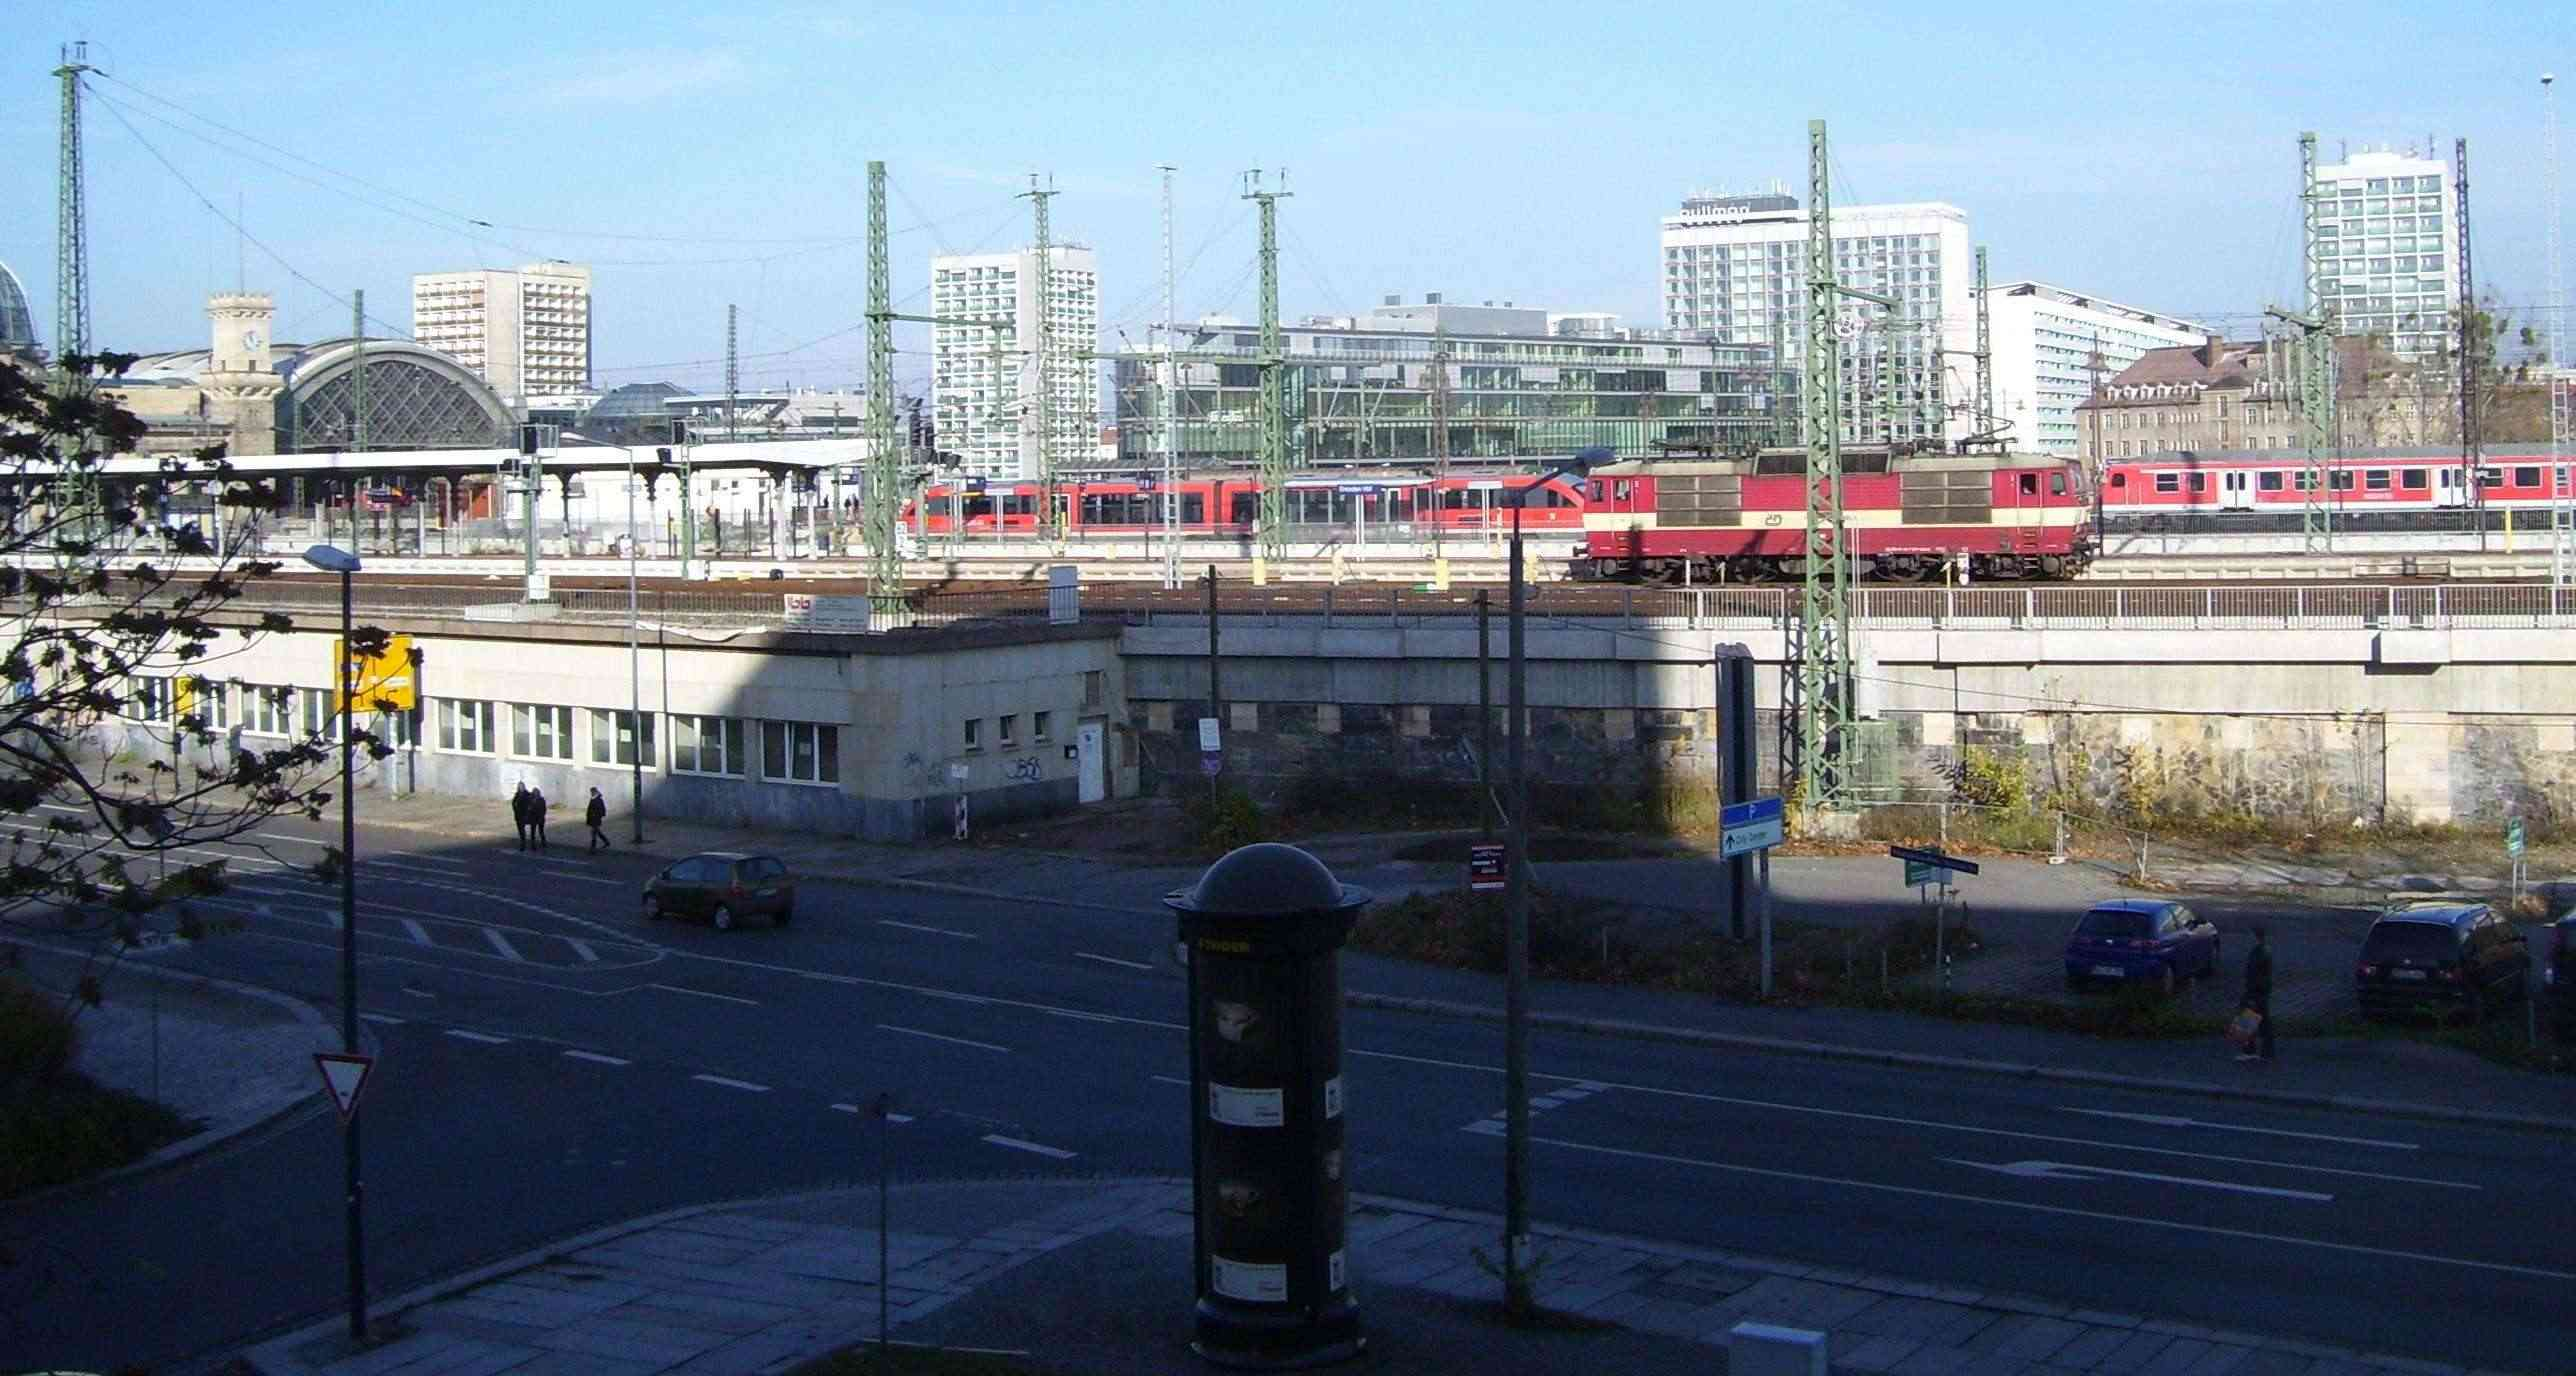 Meine Bilder von der modernen Bahn Dd-hbf10